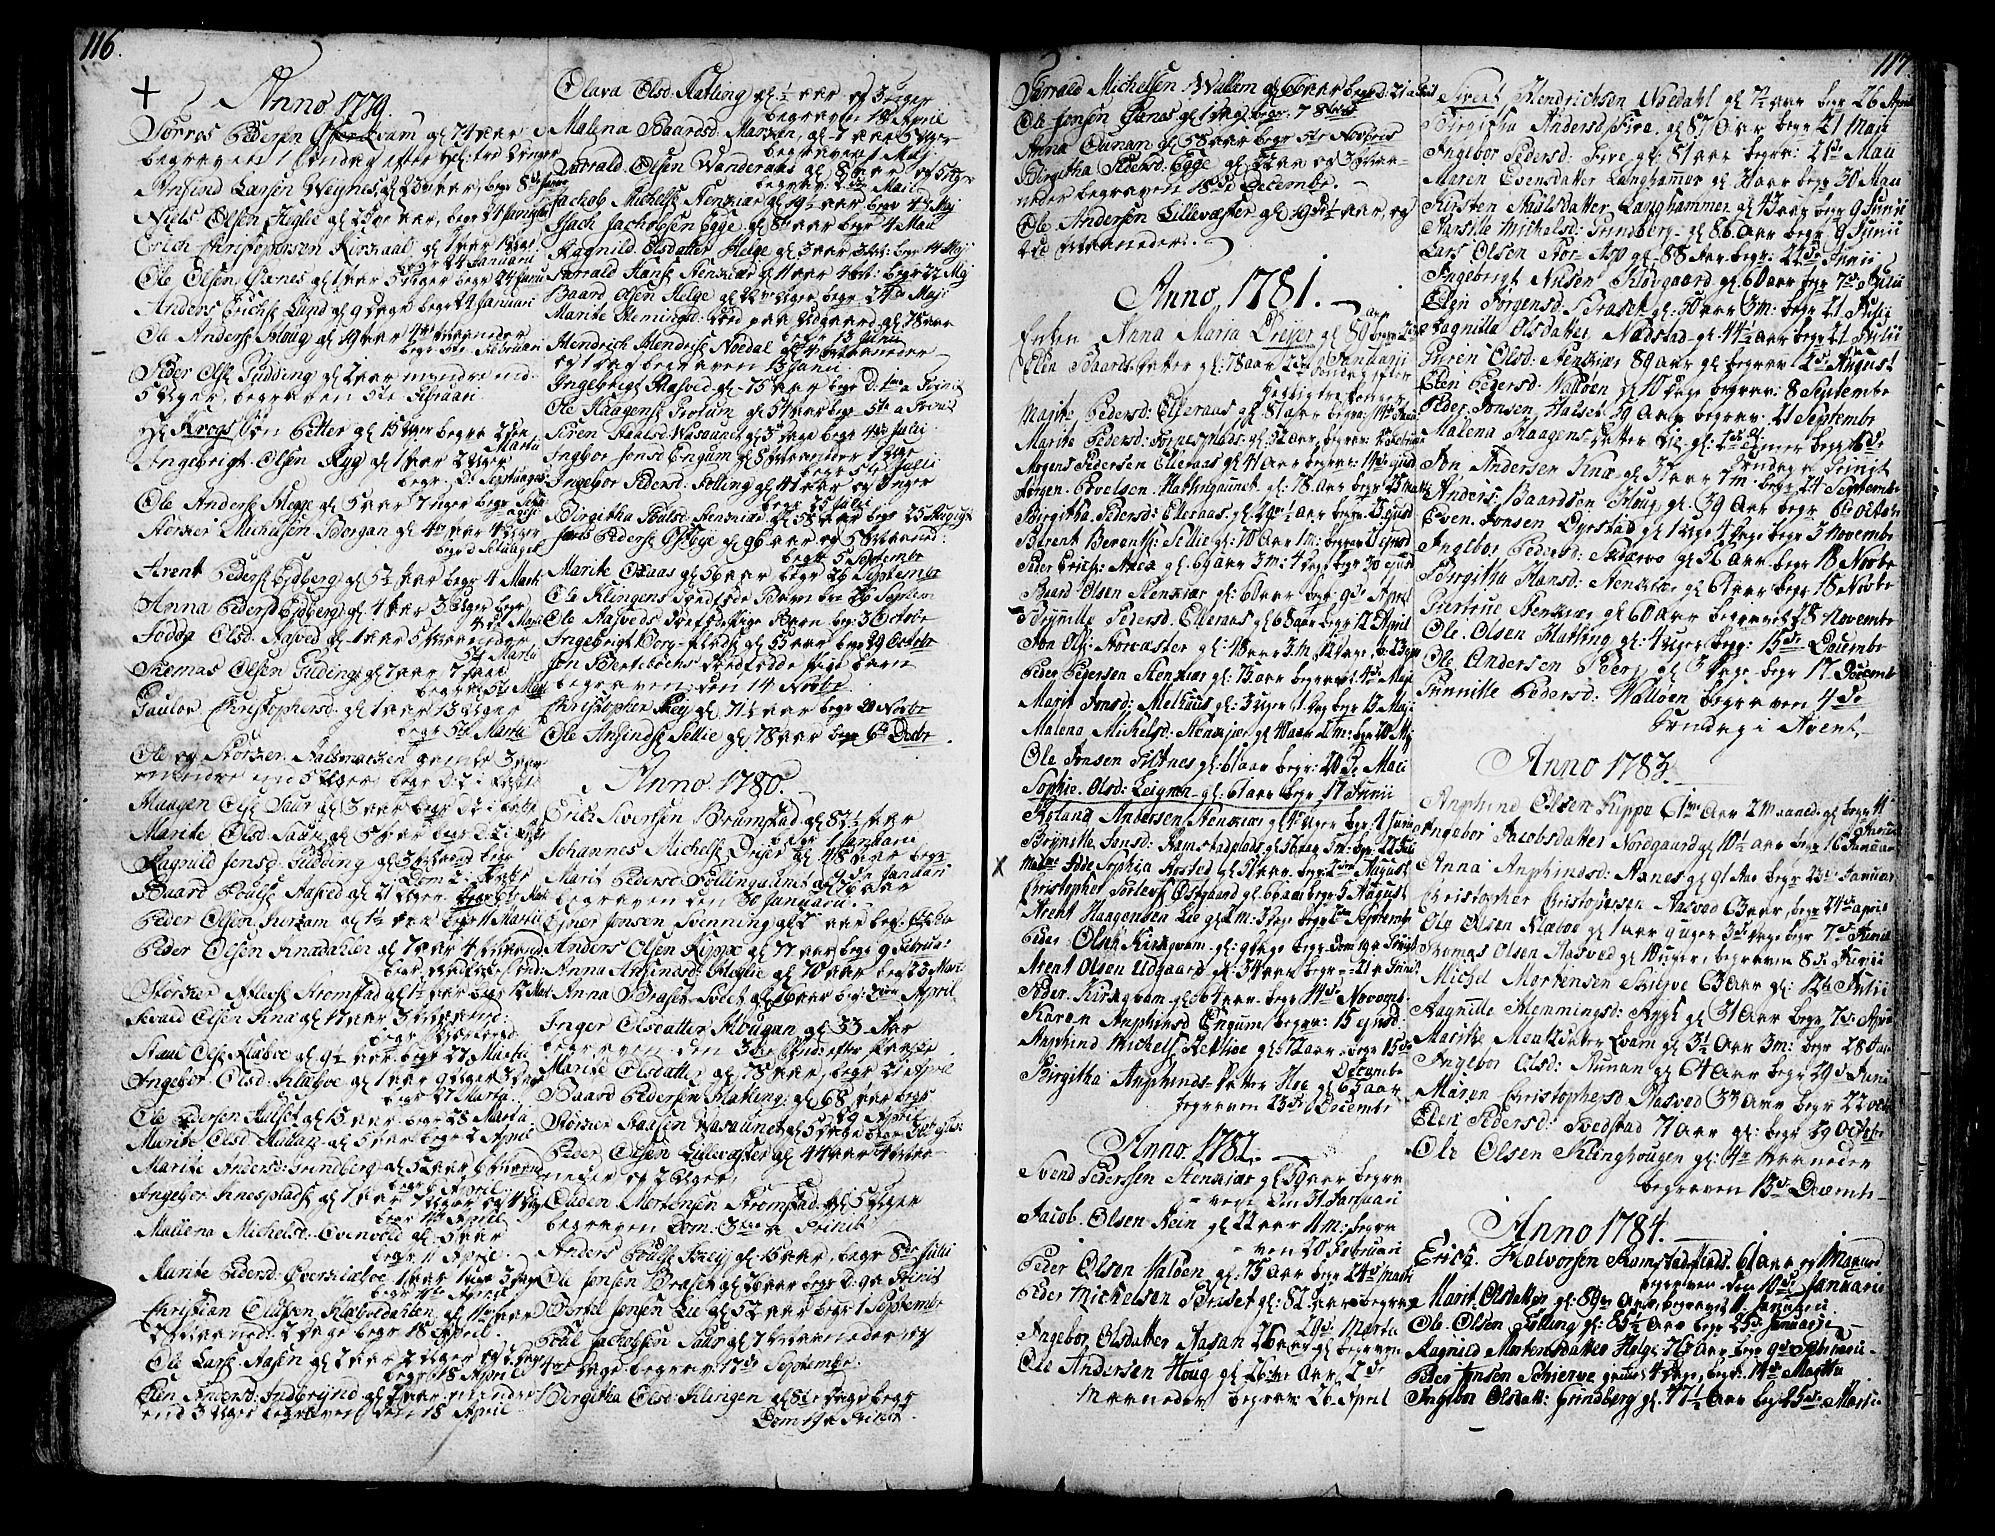 SAT, Ministerialprotokoller, klokkerbøker og fødselsregistre - Nord-Trøndelag, 746/L0440: Ministerialbok nr. 746A02, 1760-1815, s. 116-117